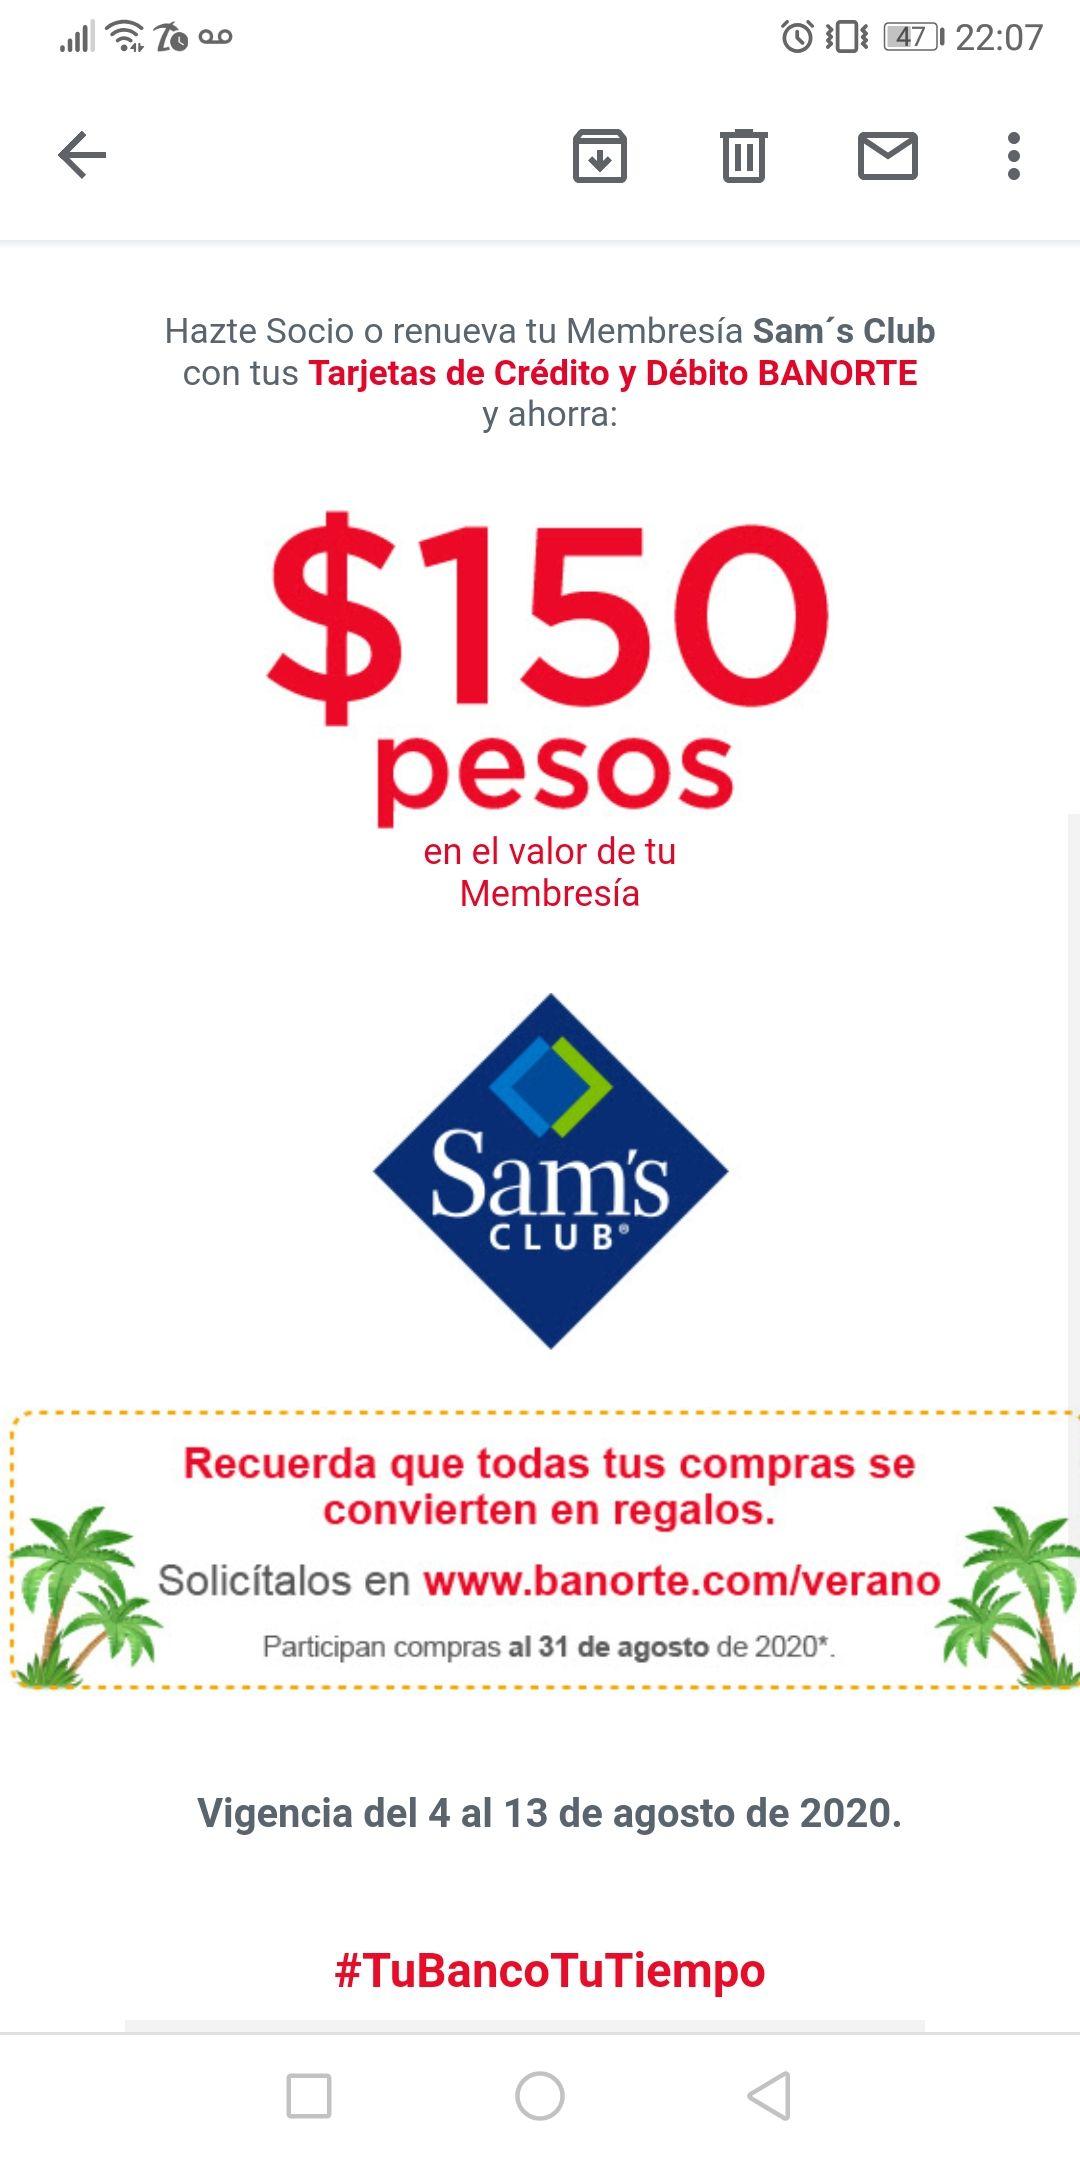 Sam's Club: Ahorra $150 al hacerte socio o renovar membresía pagando con Banorte